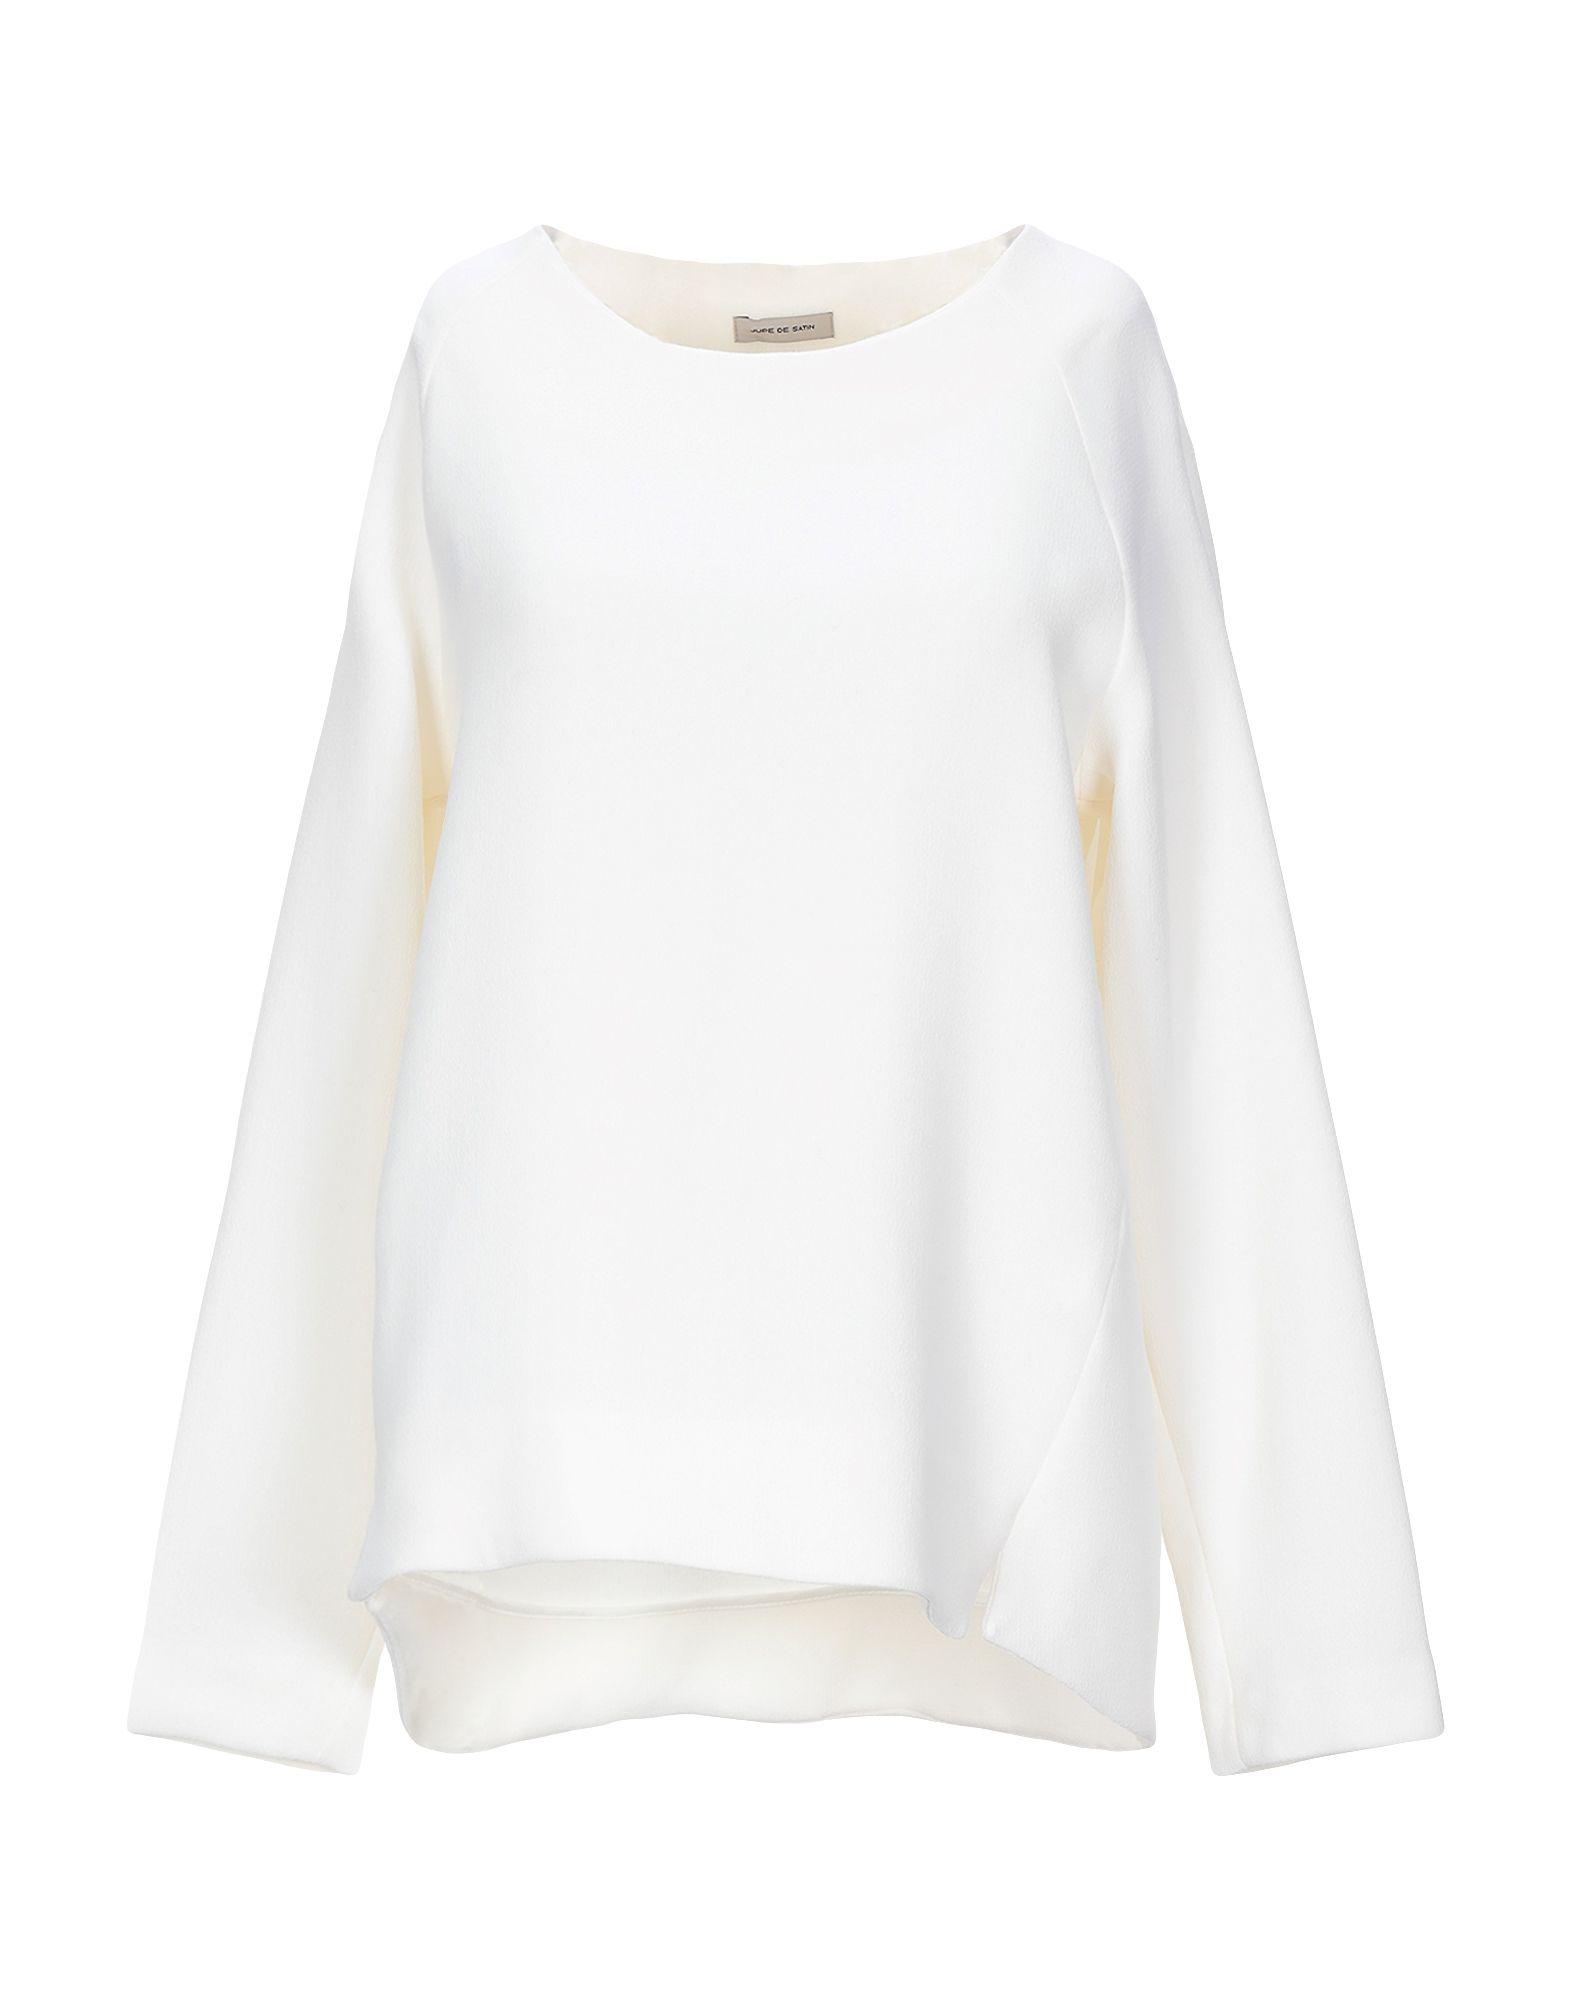 JUPE DE SATIN Блузка jupe de satin длинное платье